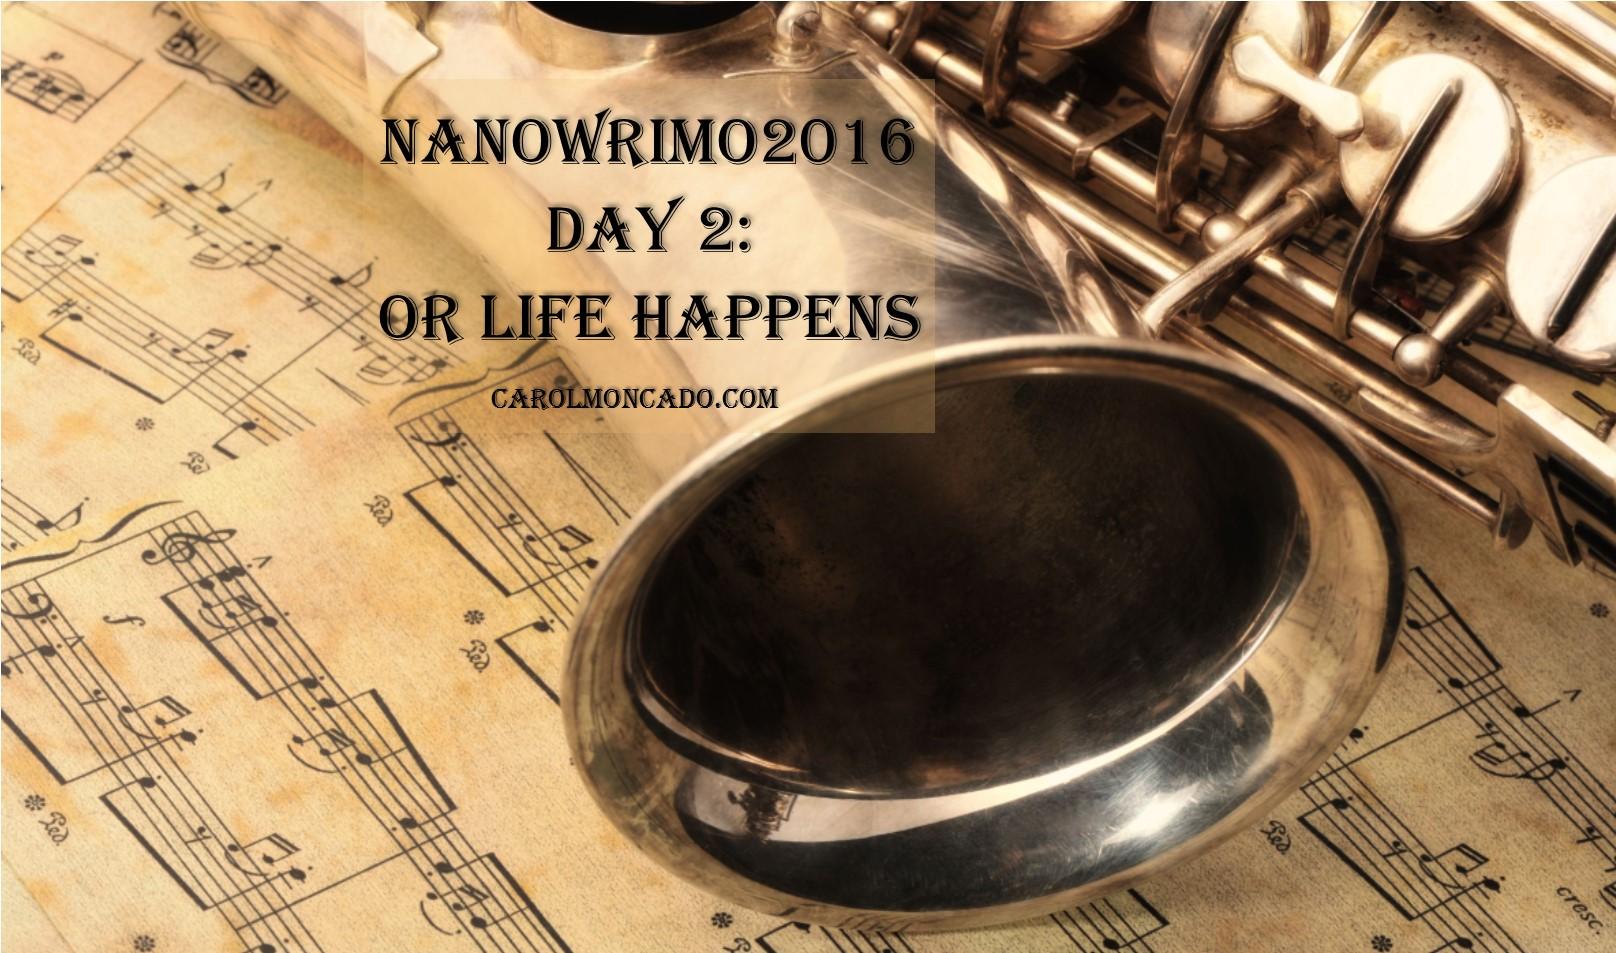 nano2016-day-2